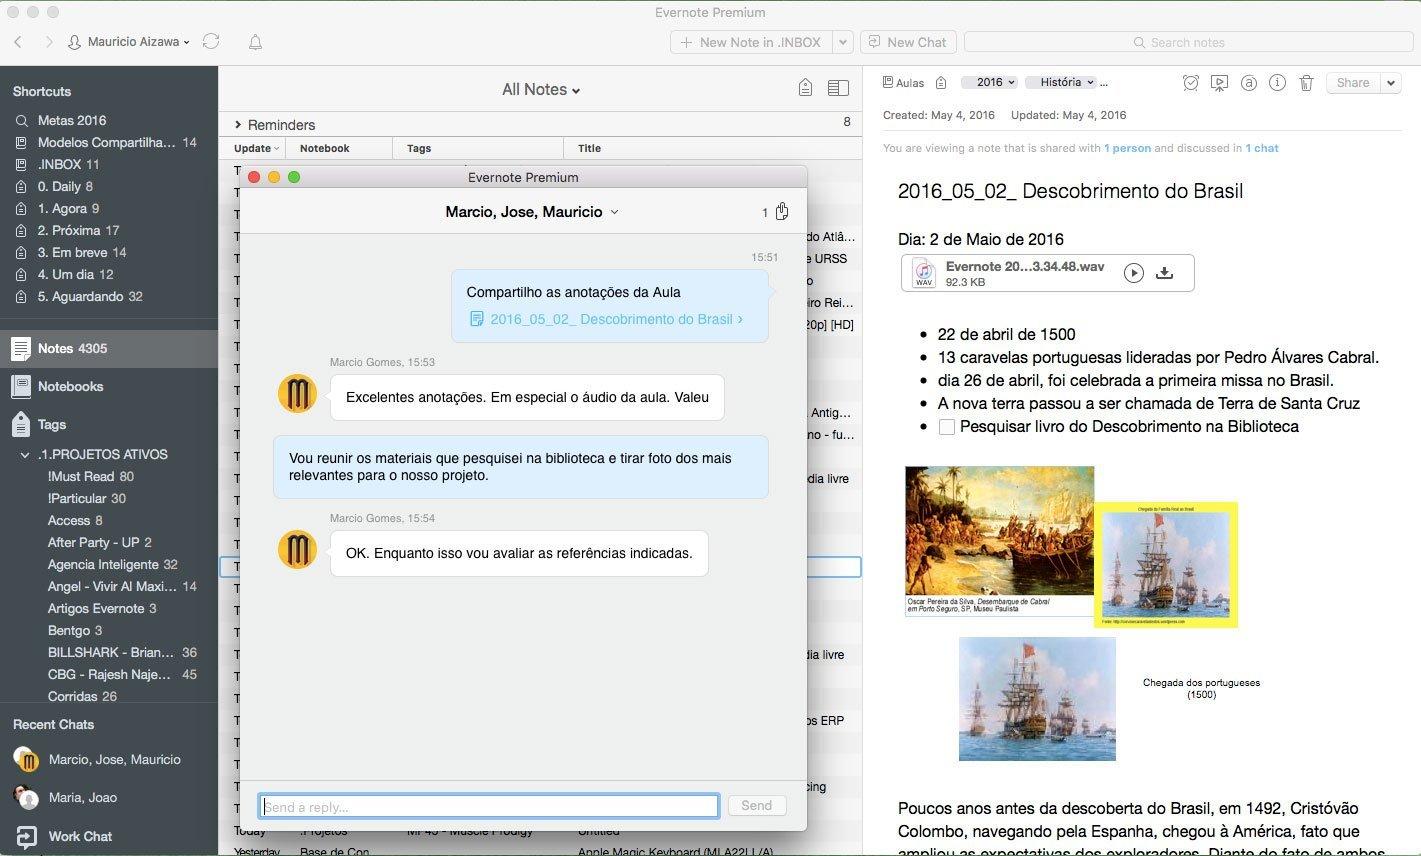 Estudos com o Evernote - Usando o Evernote Workchat